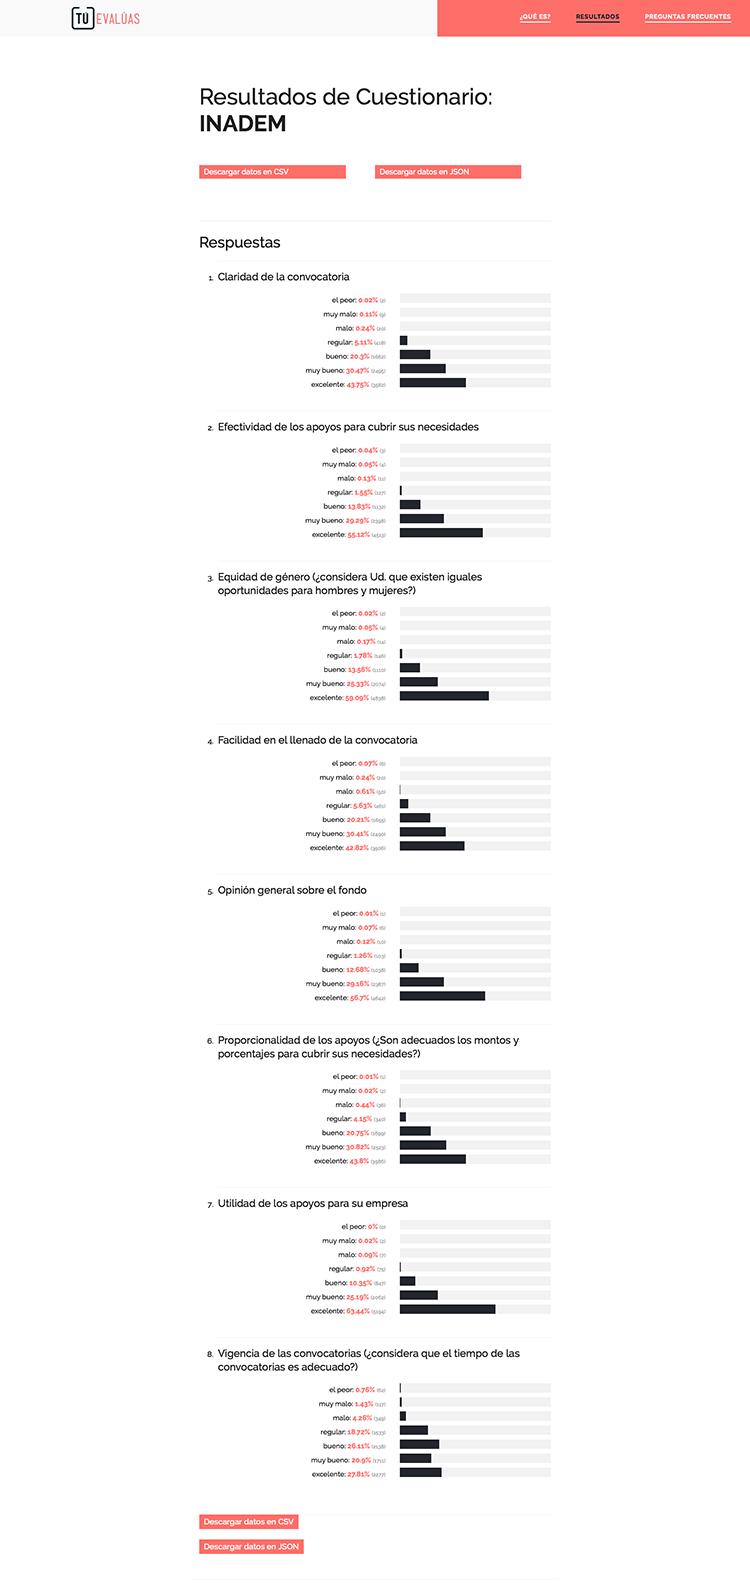 Tú Evalúas: Resultados de Cuestionario INADEM